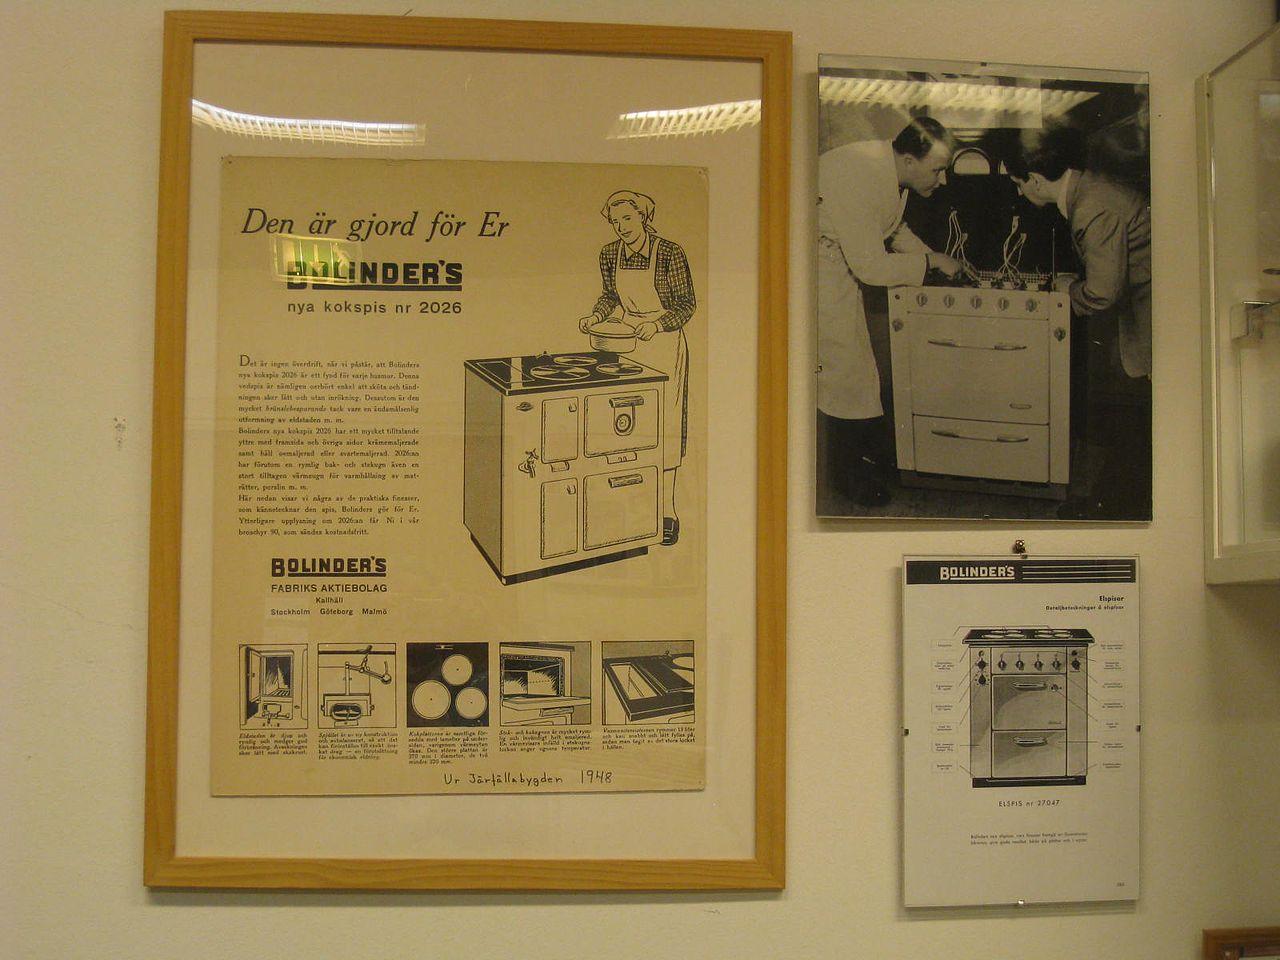 Inredning spis med häll : File:Bolindermuseet, vedspis, Bolinders nya kokspis nr 2026, 1940 ...